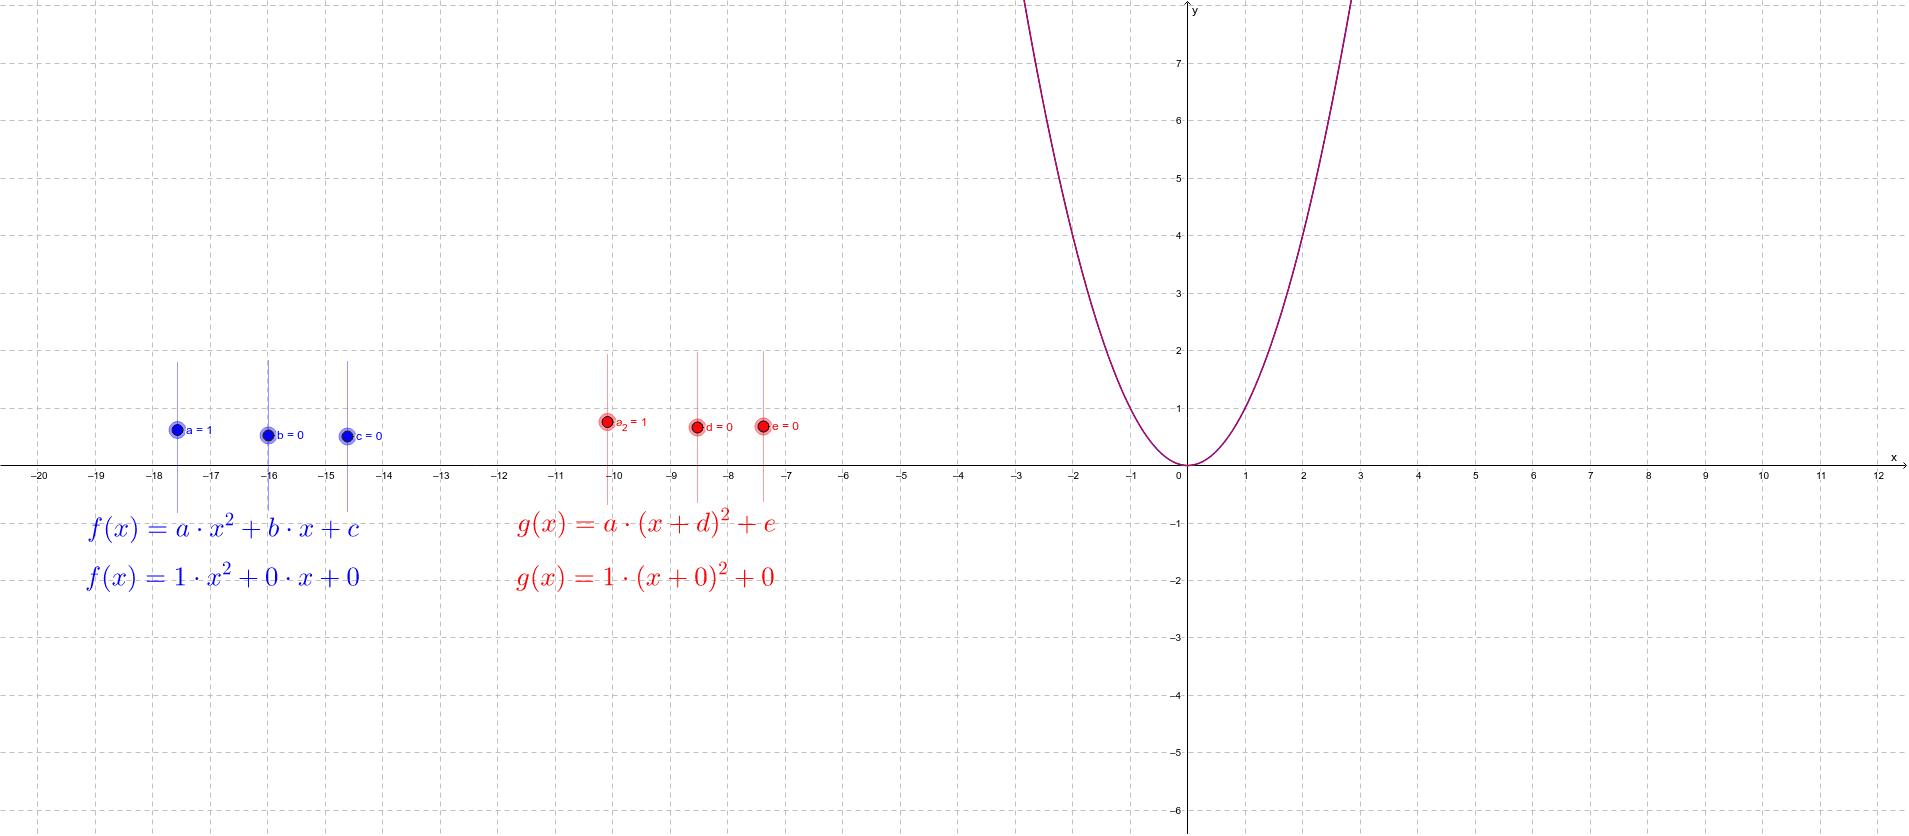 Parabeln quadratischer Funktionen in Haupt- und Scheitelform Drücke die Eingabetaste um die Aktivität zu starten